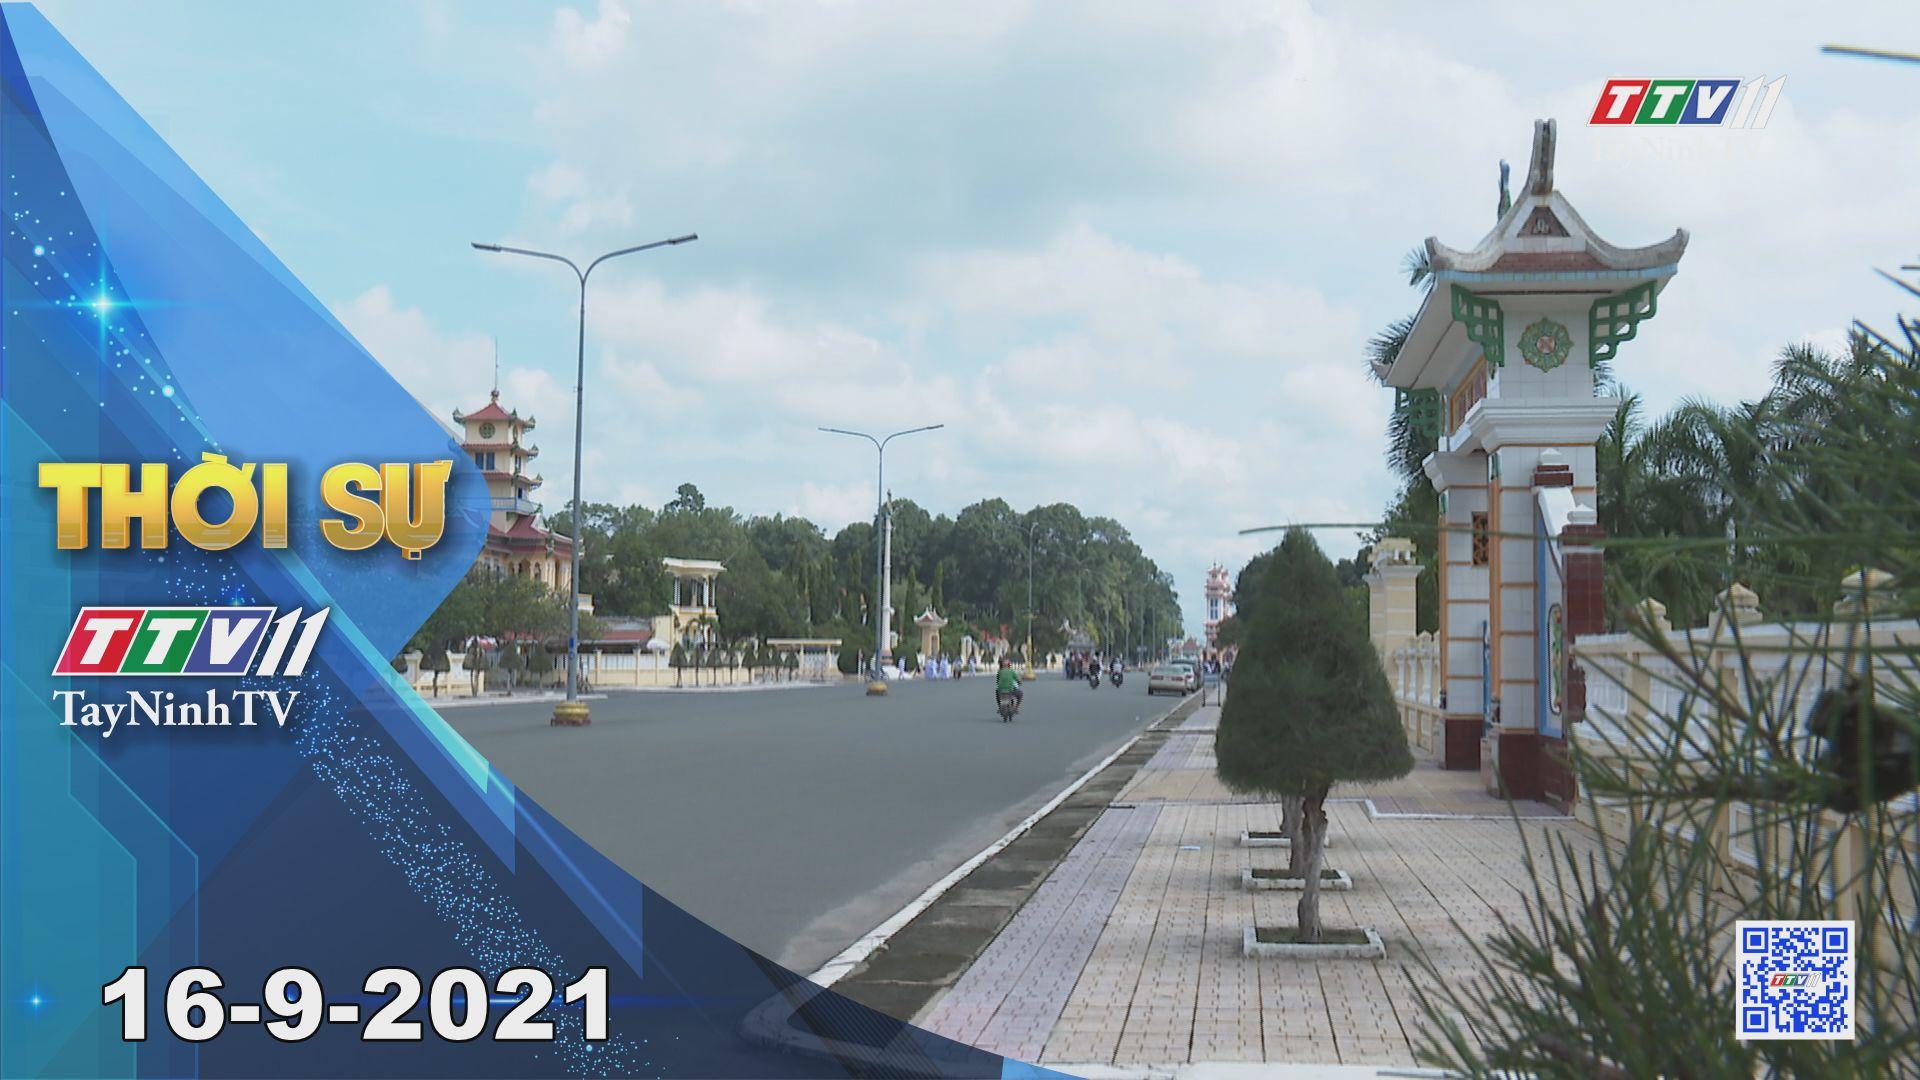 Thời sự Tây Ninh 16-9-2021 | Tin tức hôm nay | TayNinhTV